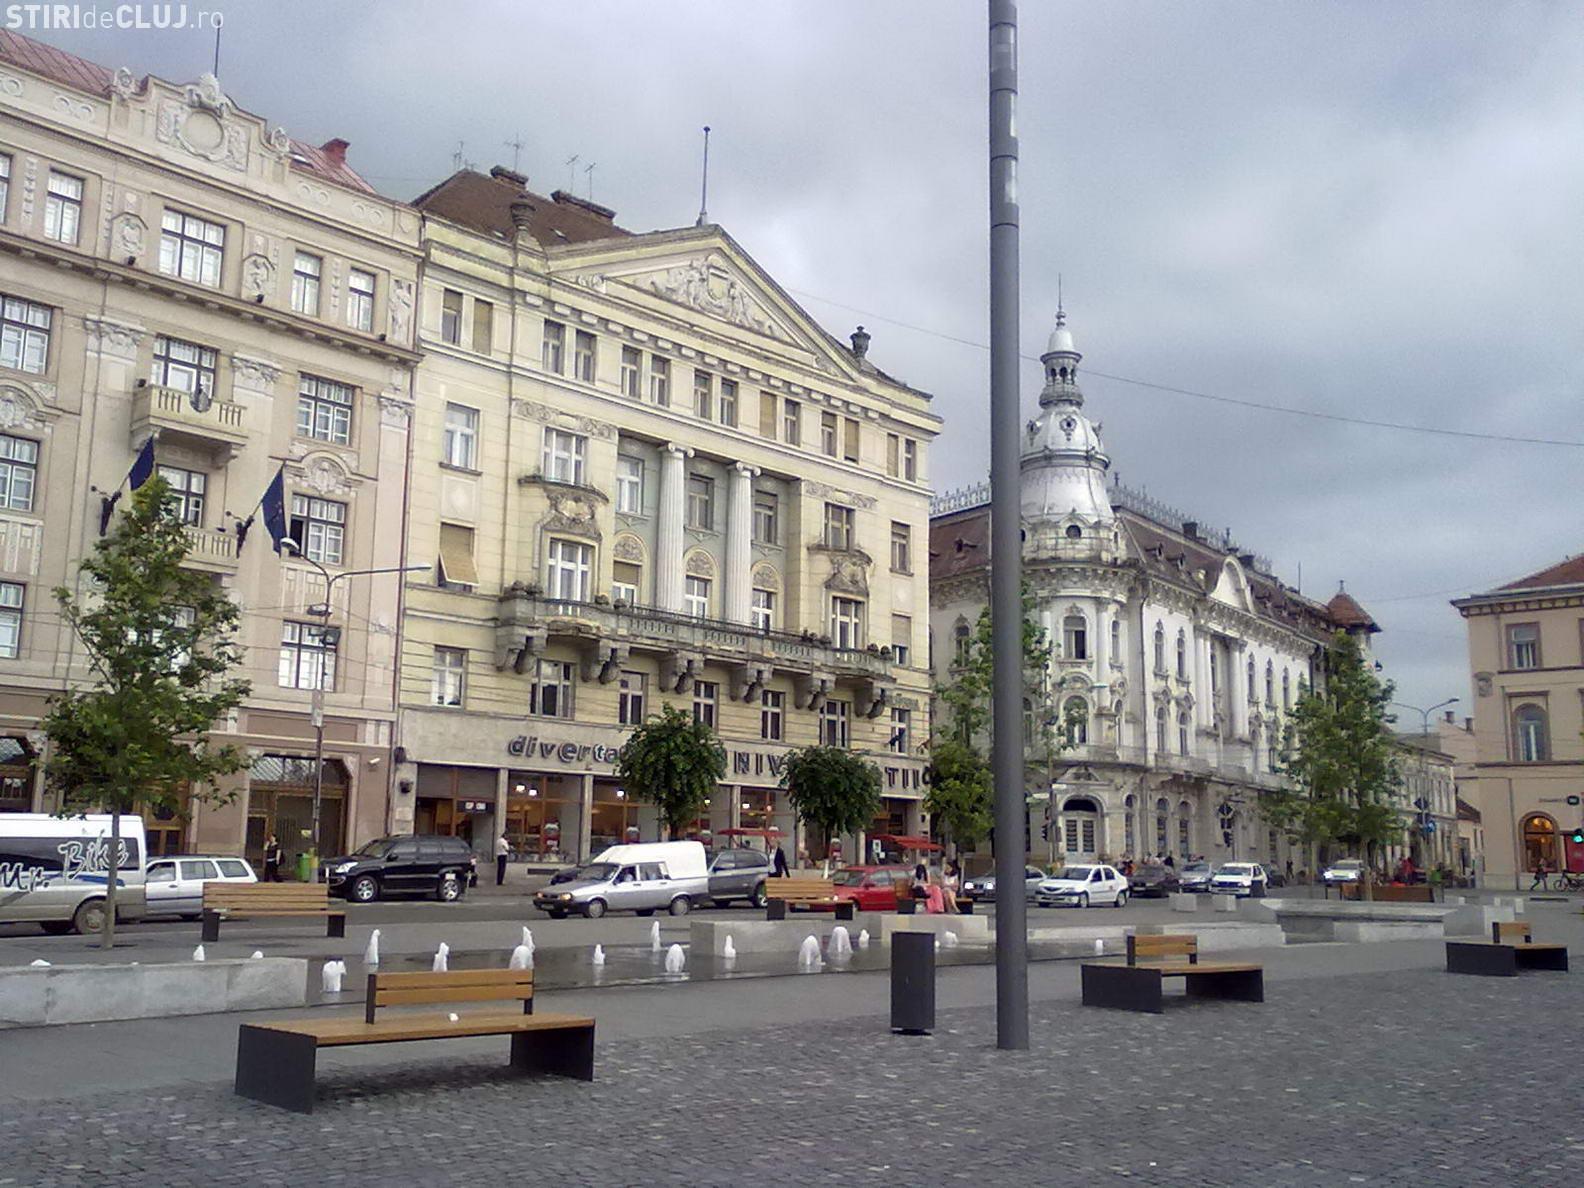 Restricții de circulație în centrul Clujului pentru 3 zile